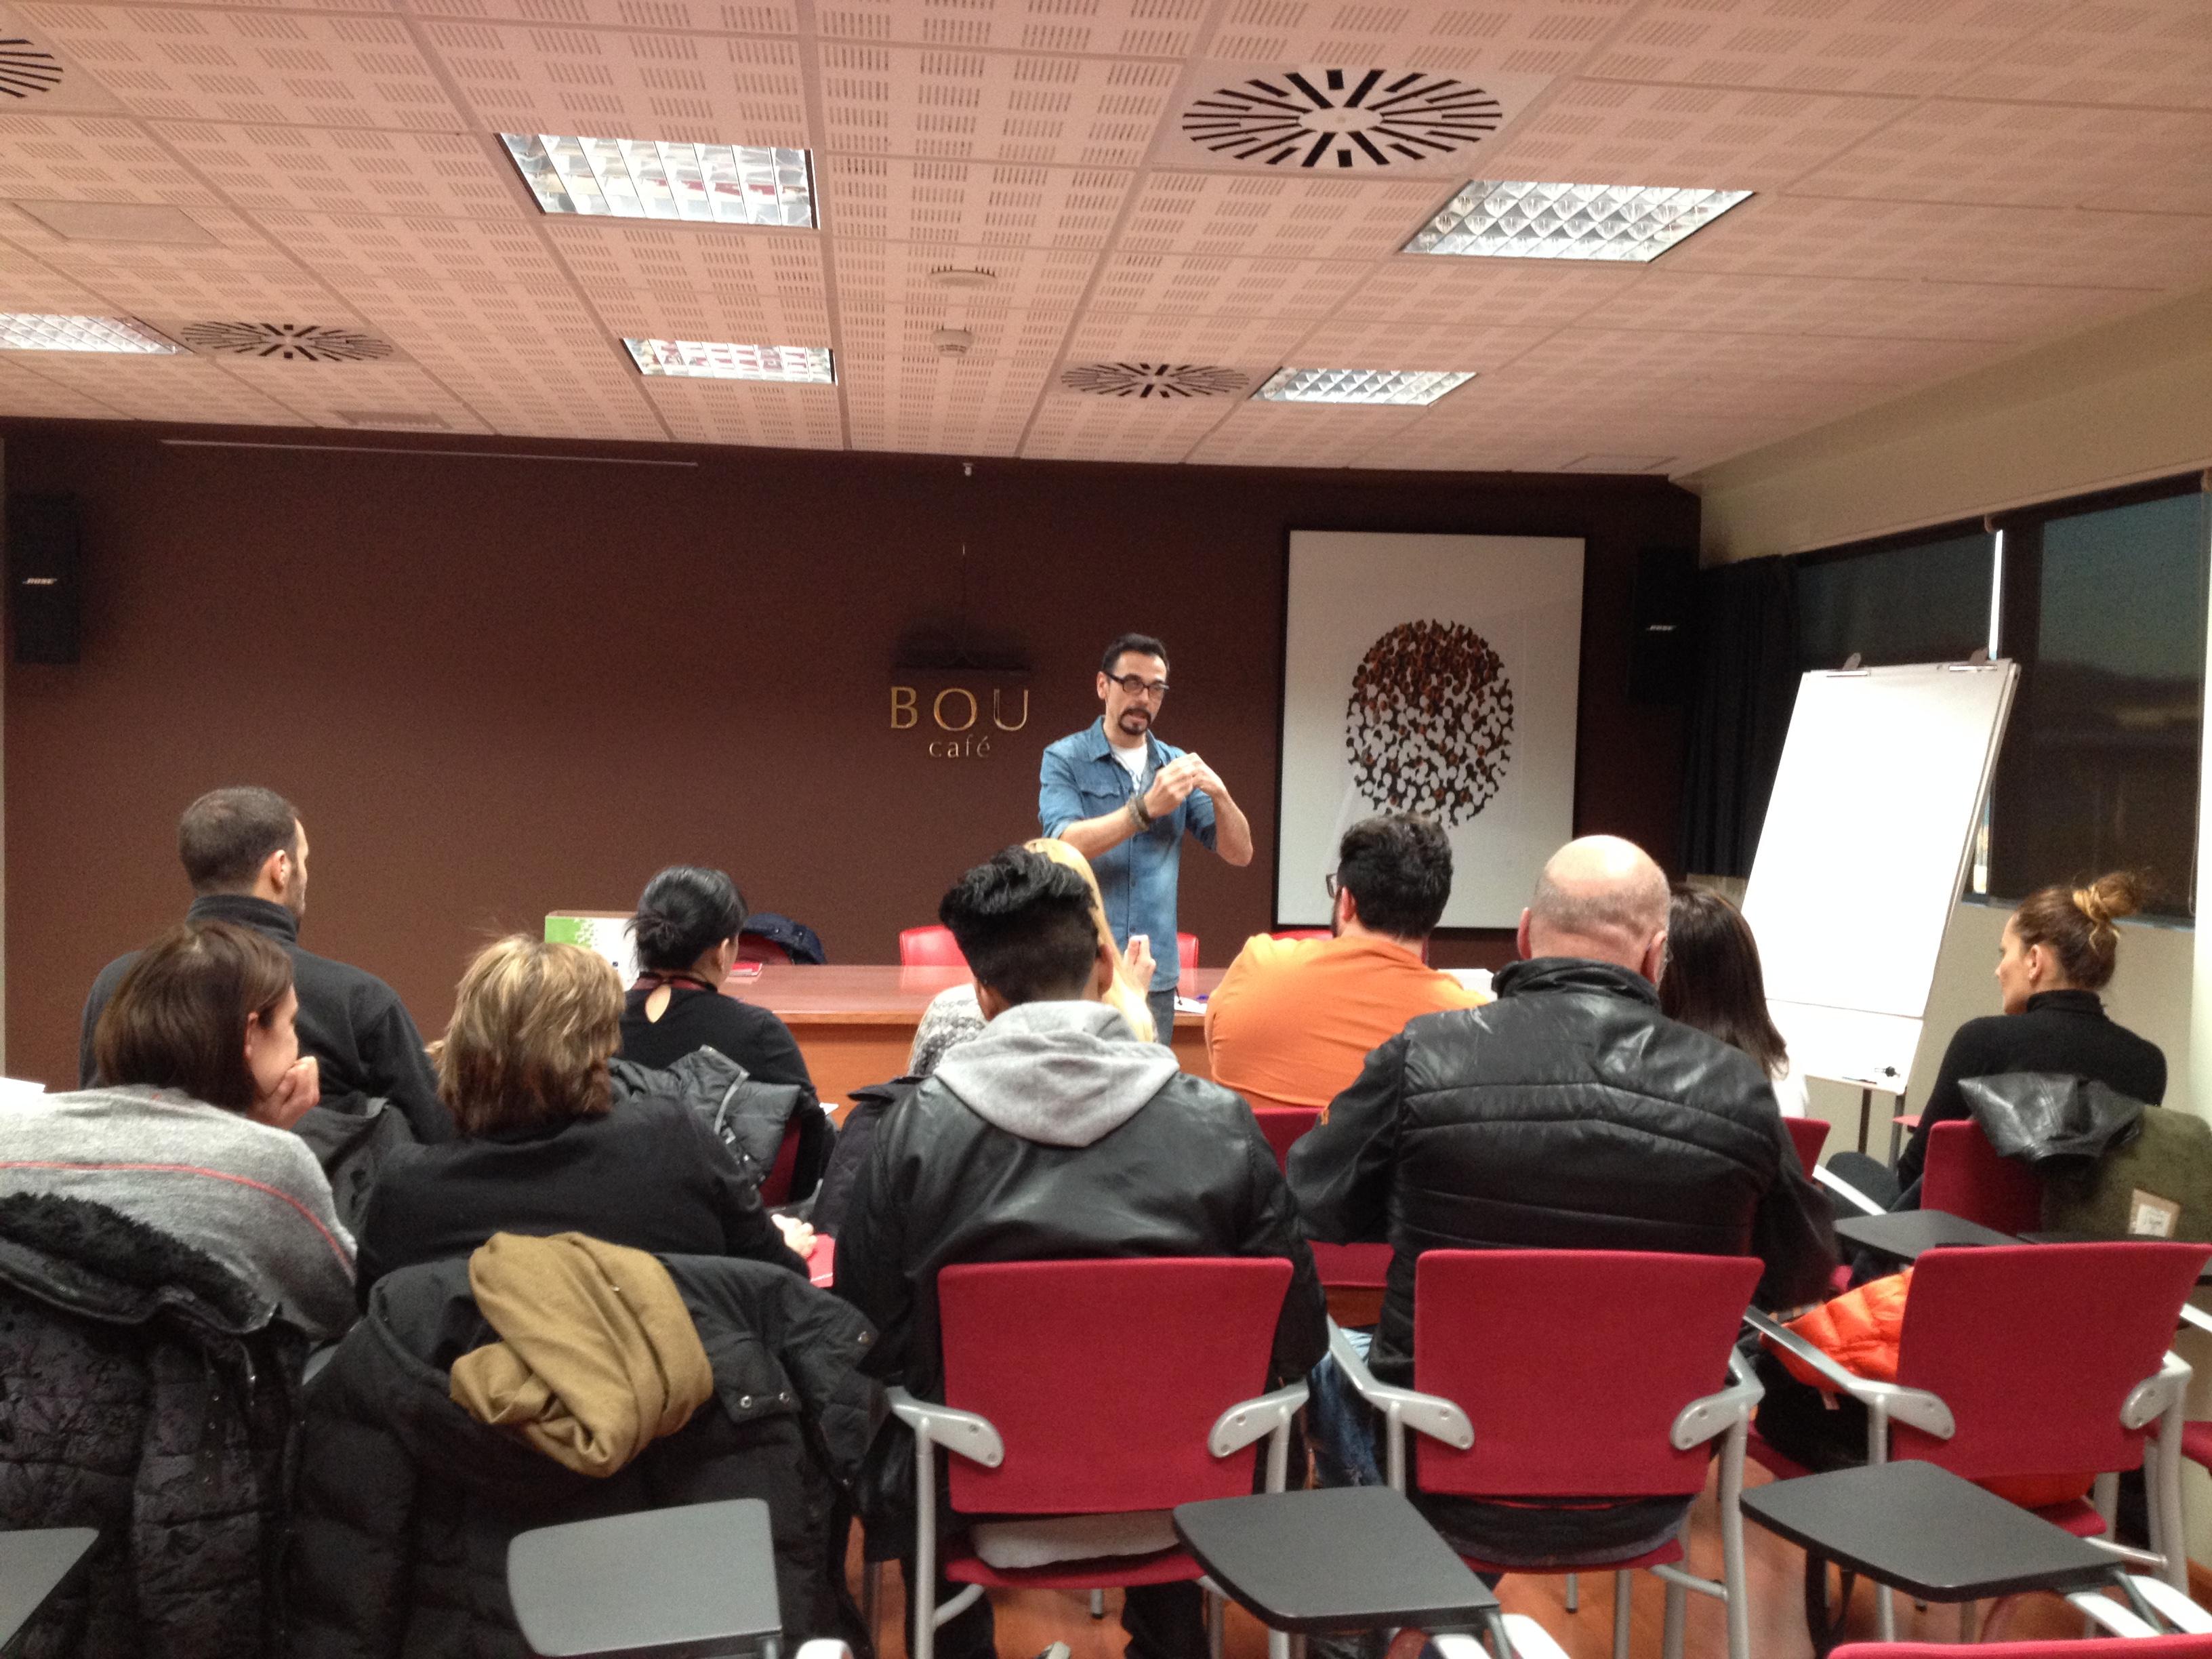 Comienza el Programa de Formación de Barista Profesional en Barcelona